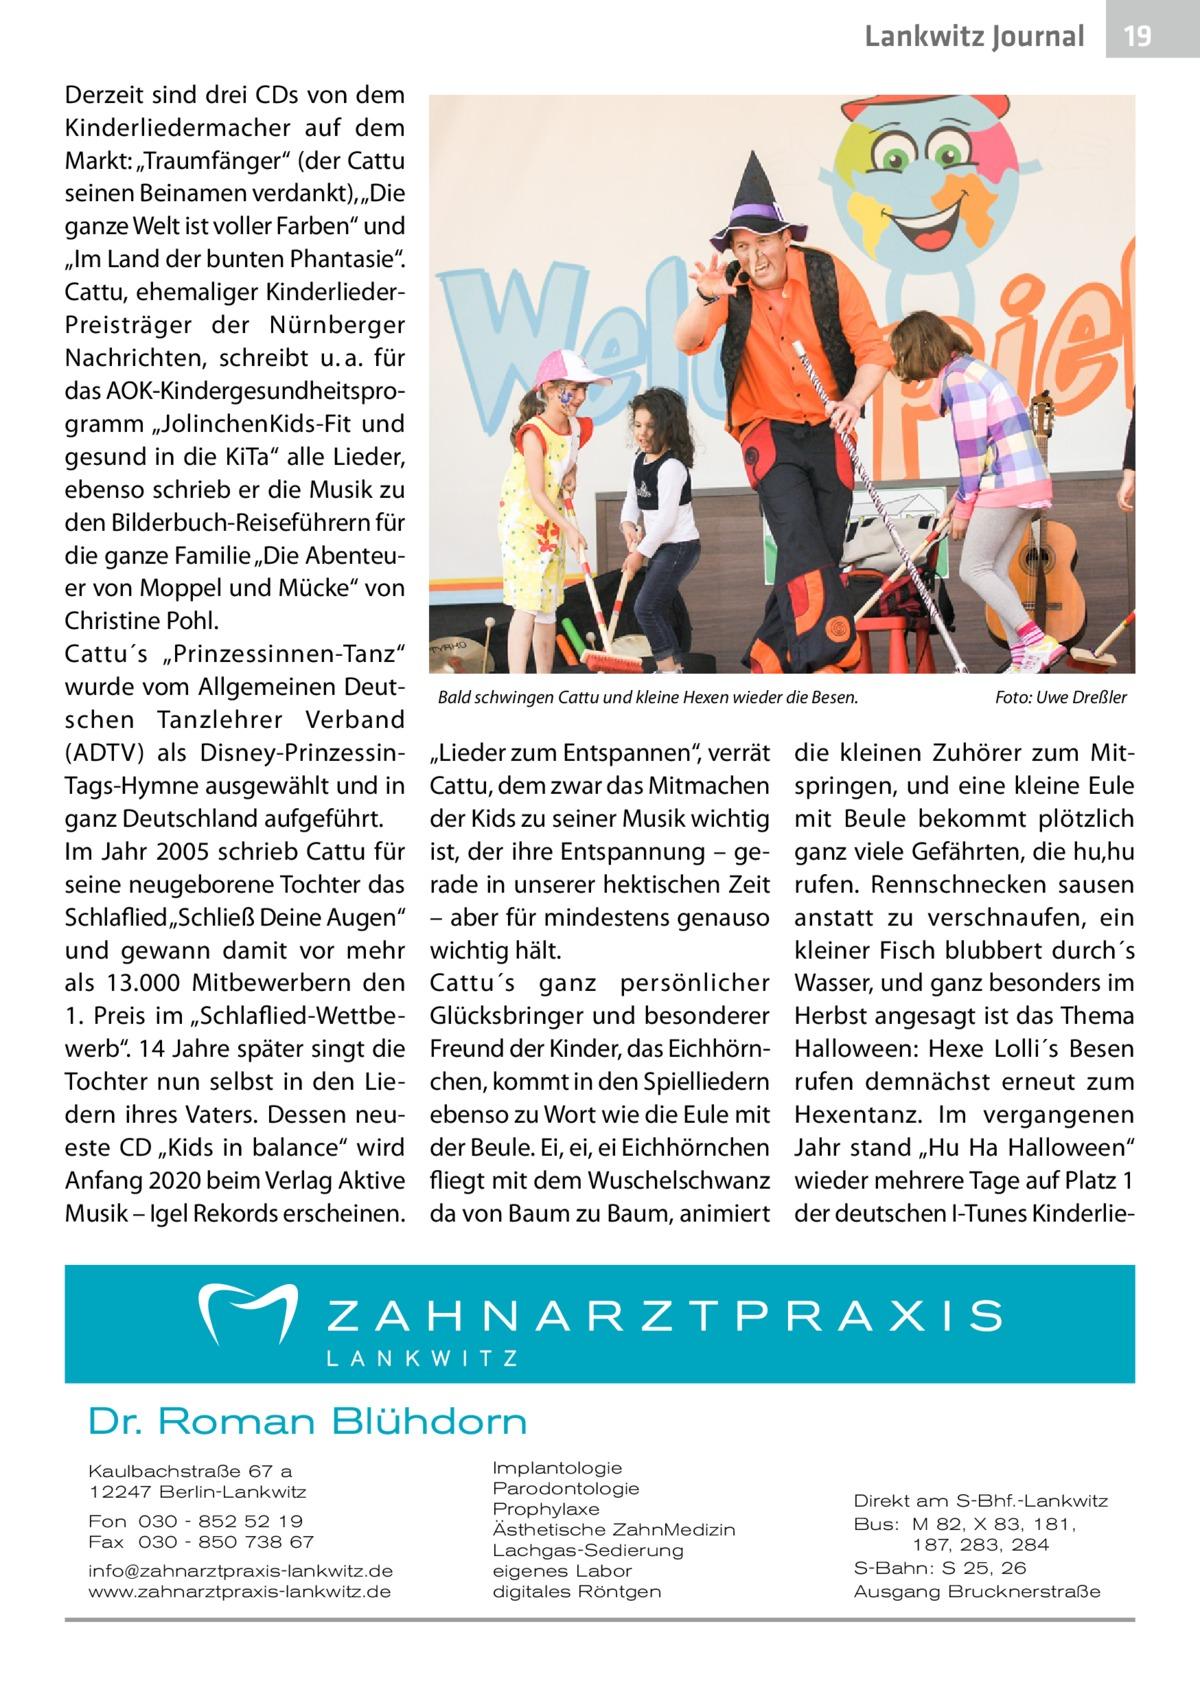 """Lankwitz Journal Derzeit sind drei CDs von dem Kinderliedermacher auf dem Markt: """"Traumfänger"""" (der Cattu seinen Beinamen verdankt), """"Die ganze Welt ist voller Farben"""" und """"Im Land der bunten Phantasie"""". Cattu, ehemaliger KinderliederPreisträger der Nürnberger Nachrichten, schreibt u.a. für das AOK-Kindergesundheitsprogramm """"JolinchenKids-Fit und gesund in die KiTa"""" alle Lieder, ebenso schrieb er die Musik zu den Bilderbuch-Reiseführern für die ganze Familie """"Die Abenteuer von Moppel und Mücke"""" von Christine Pohl. Cattu´s """"Prinzessinnen-Tanz"""" wurde vom Allgemeinen Deutschen Tanzlehrer Verband (ADTV) als Disney-PrinzessinTags-Hymne ausgewählt und in ganz Deutschland aufgeführt. Im Jahr 2005 schrieb Cattu für seine neugeborene Tochter das Schlaflied """"Schließ Deine Augen"""" und gewann damit vor mehr als 13.000 Mitbewerbern den 1. Preis im """"Schlaflied-Wettbewerb"""". 14Jahre später singt die Tochter nun selbst in den Liedern ihres Vaters. Dessen neueste CD """"Kids in balance"""" wird Anfang 2020 beim Verlag Aktive Musik – Igel Rekords erscheinen.  Bald schwingen Cattu und kleine Hexen wieder die Besen.�  """"Lieder zum Entspannen"""", verrät Cattu, dem zwar das Mitmachen der Kids zu seiner Musik wichtig ist, der ihre Entspannung – gerade in unserer hektischen Zeit – aber für mindestens genauso wichtig hält. Cattu´s ganz persönlicher Glücksbringer und besonderer Freund der Kinder, das Eichhörnchen, kommt in den Spielliedern ebenso zu Wort wie die Eule mit der Beule. Ei, ei, ei Eichhörnchen fliegt mit dem Wuschelschwanz da von Baum zu Baum, animiert  Foto: Uwe Dreßler  die kleinen Zuhörer zum Mitspringen, und eine kleine Eule mit Beule bekommt plötzlich ganz viele Gefährten, die hu,hu rufen. Rennschnecken sausen anstatt zu verschnaufen, ein kleiner Fisch blubbert durch´s Wasser, und ganz besonders im Herbst angesagt ist das Thema Halloween: Hexe Lolli´s Besen rufen demnächst erneut zum Hexentanz. Im vergangenen Jahr stand """"Hu Ha Halloween"""" wieder mehrere Tage auf Platz1 der deutschen I-T"""